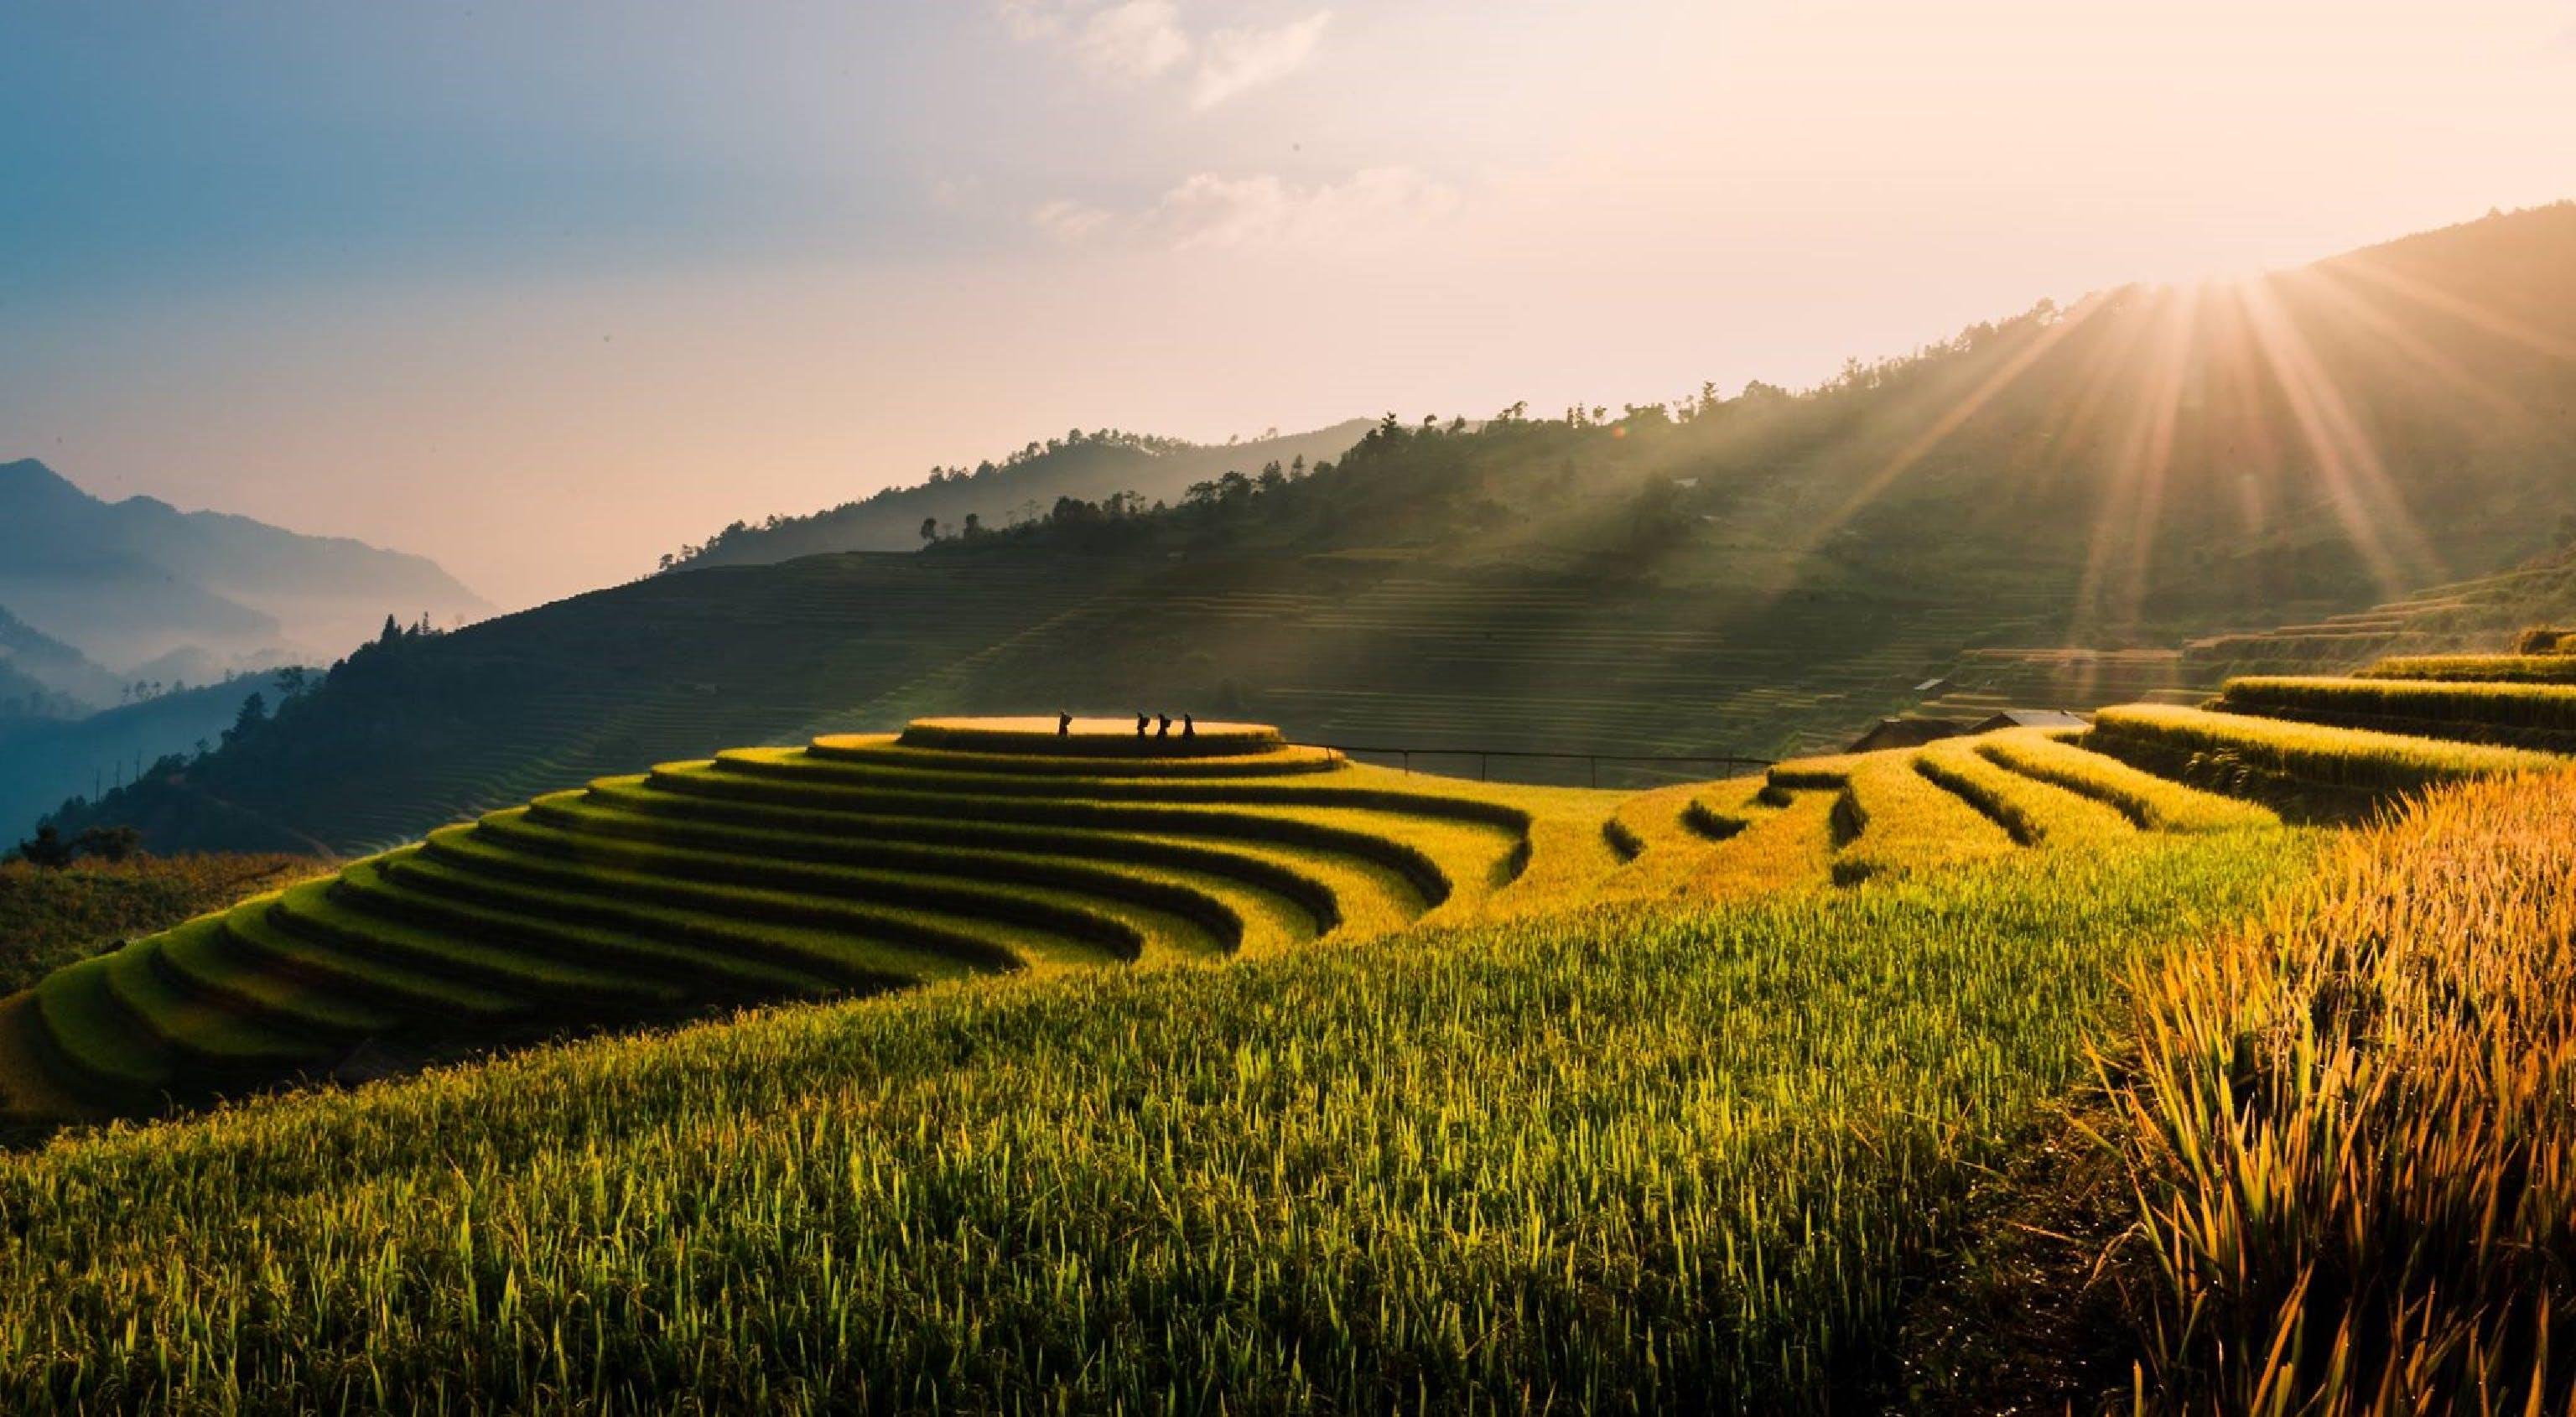 Free stock photo of đồi núi, bình yên, cánh đồng, com